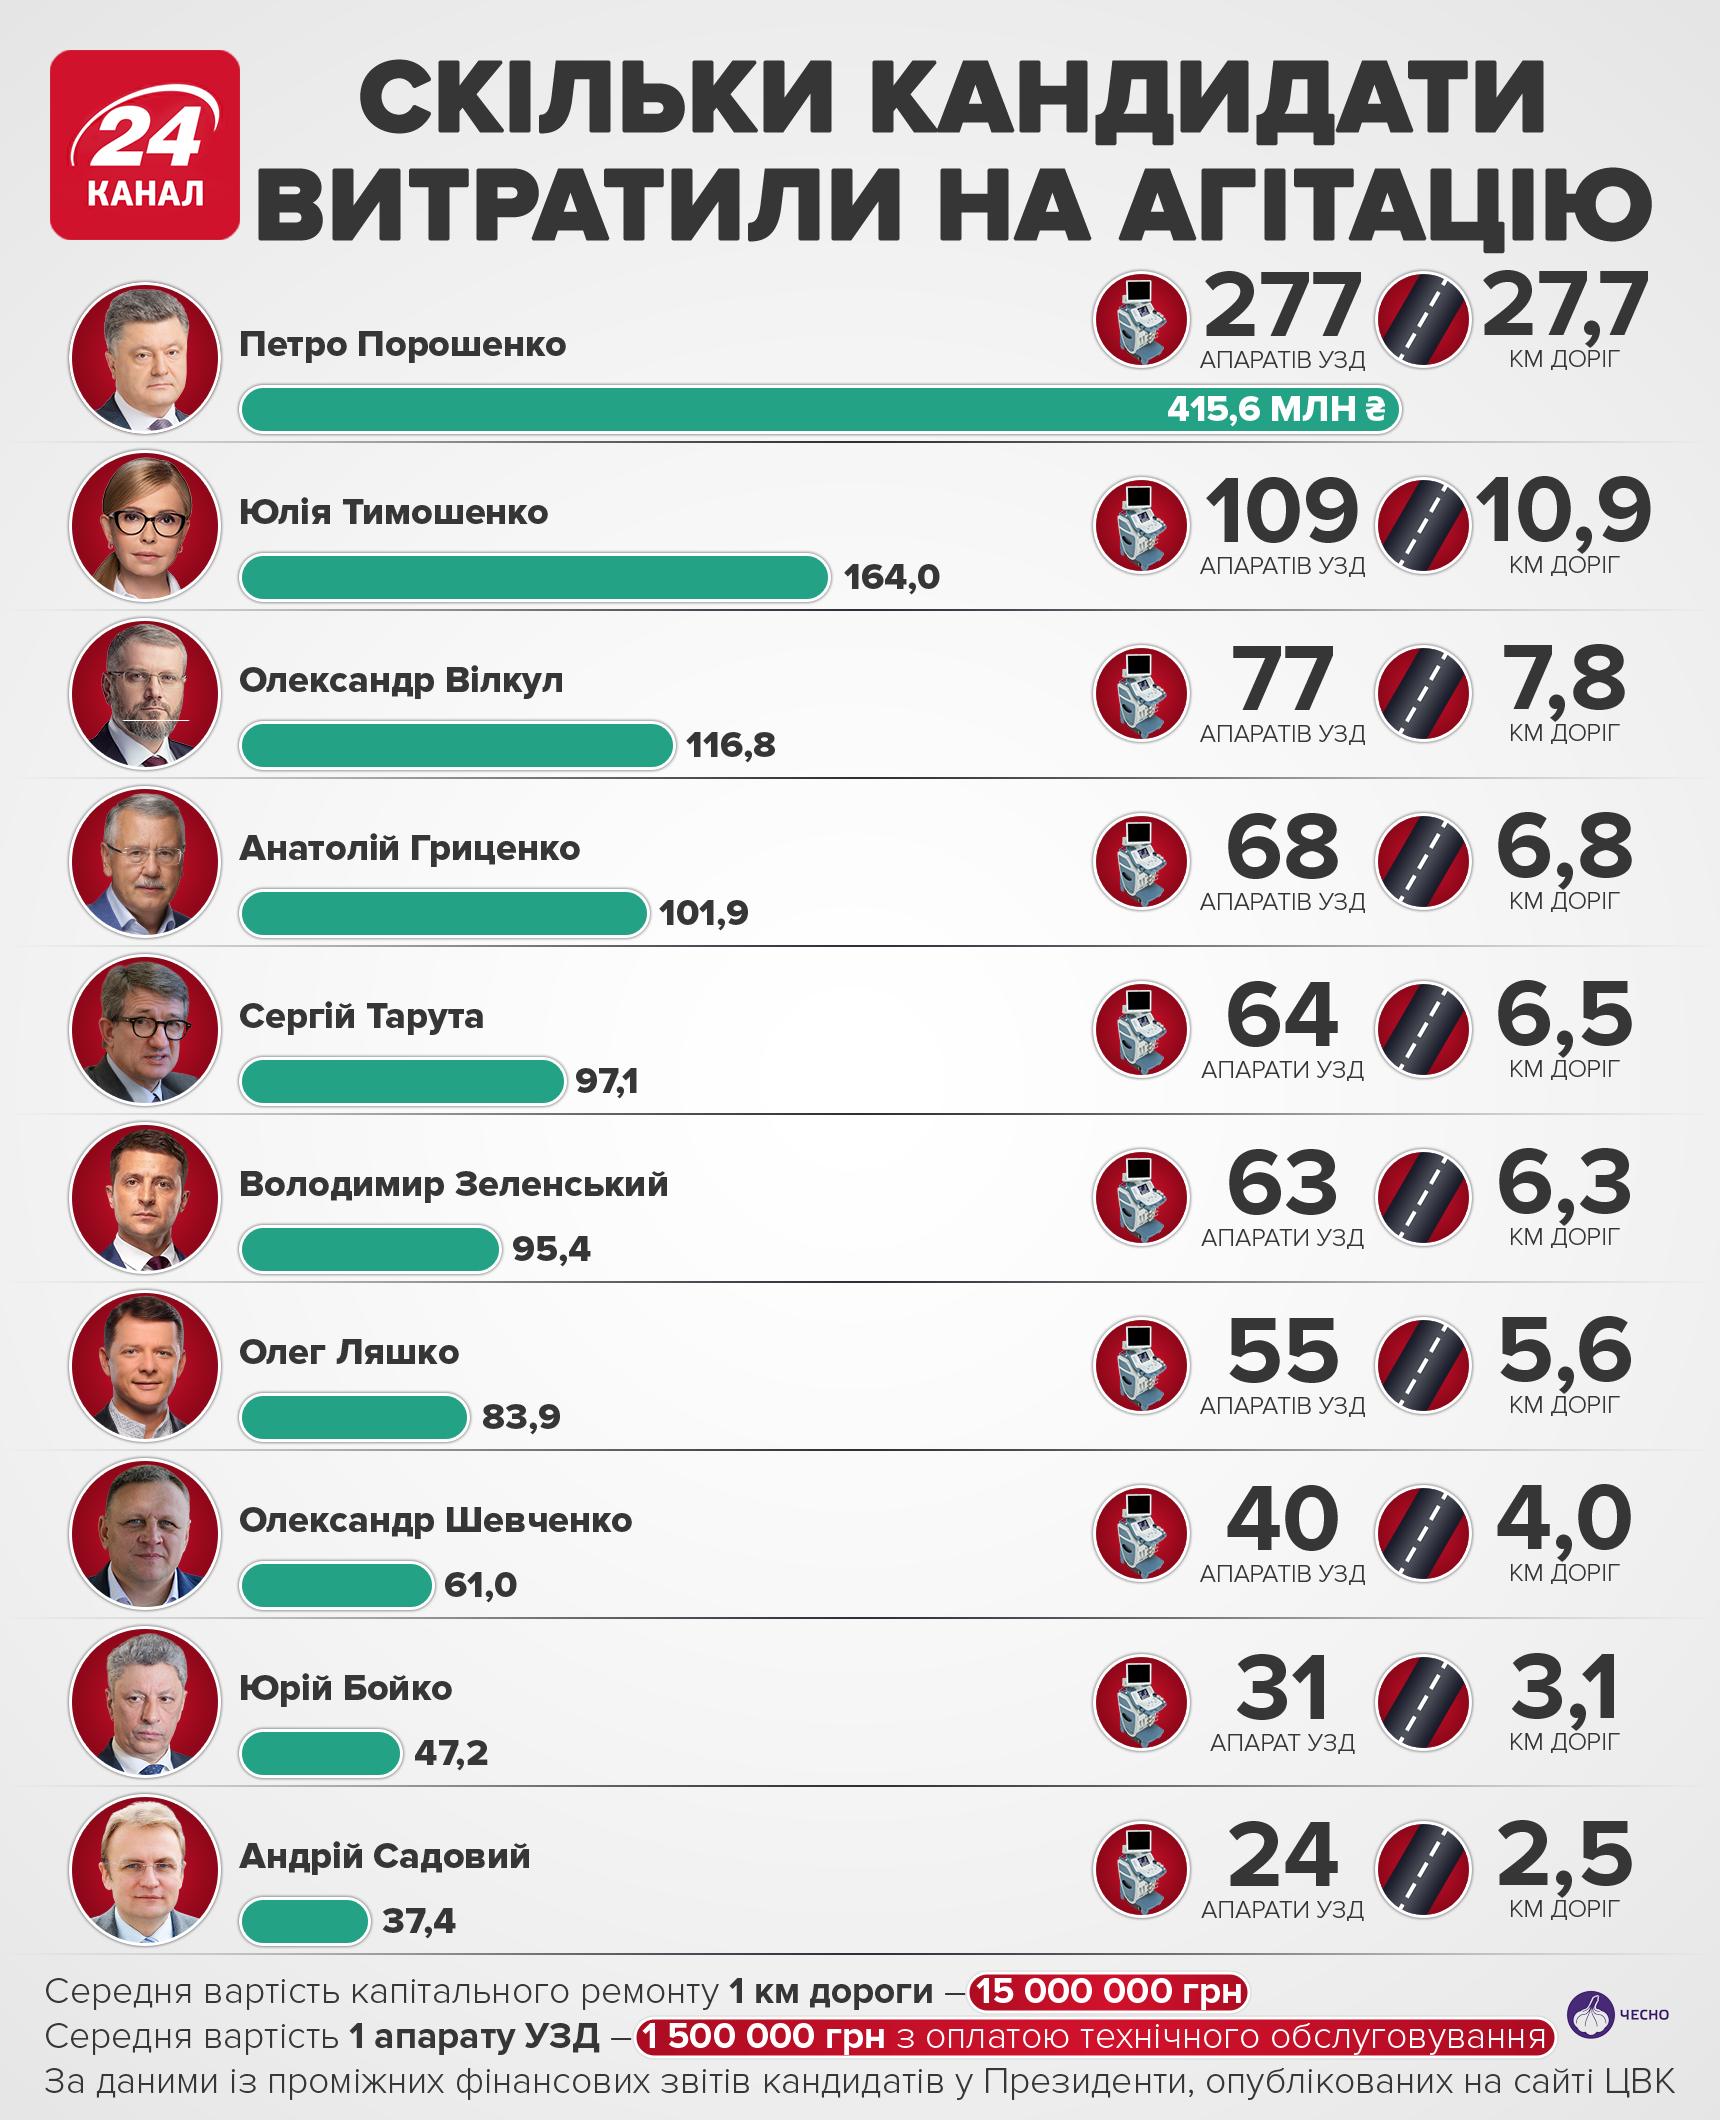 Сколько денег потратили кандидаты в президенты Украины в 2019 году